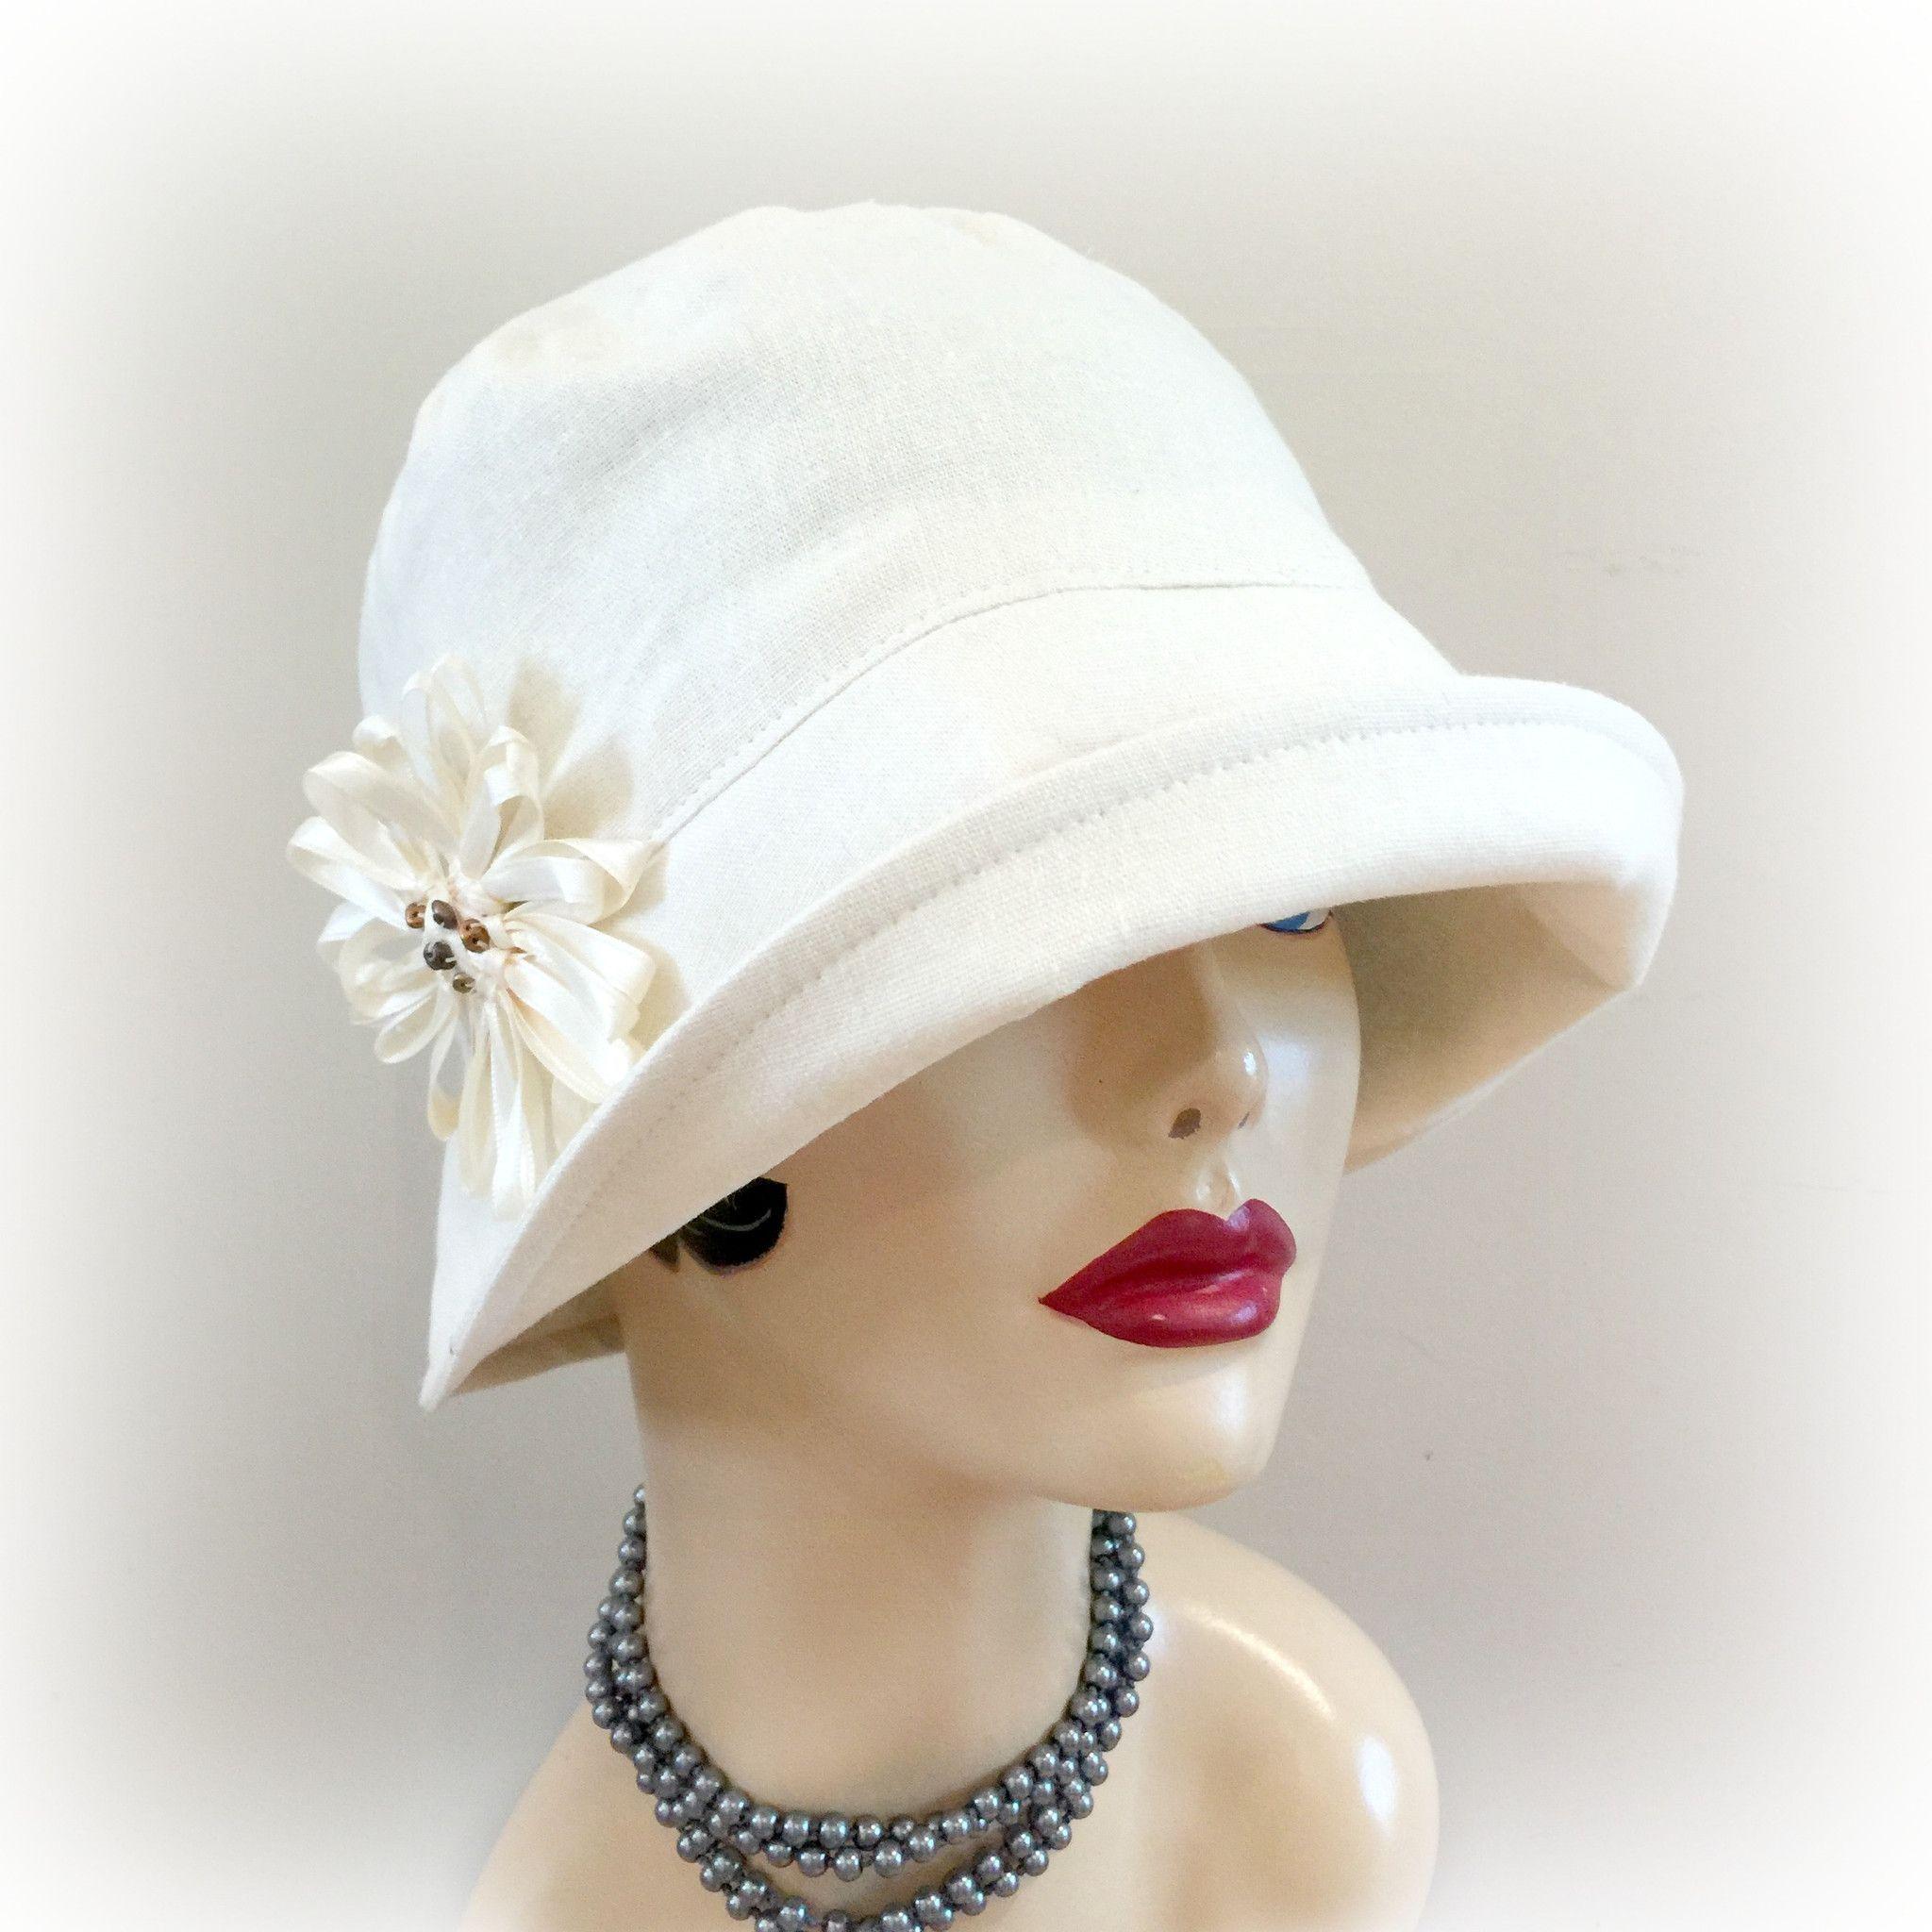 b25e62c0bc5fa Linen Cloche Hat in 1920's Flapper Style | The Eleanor | Hats Happy ...